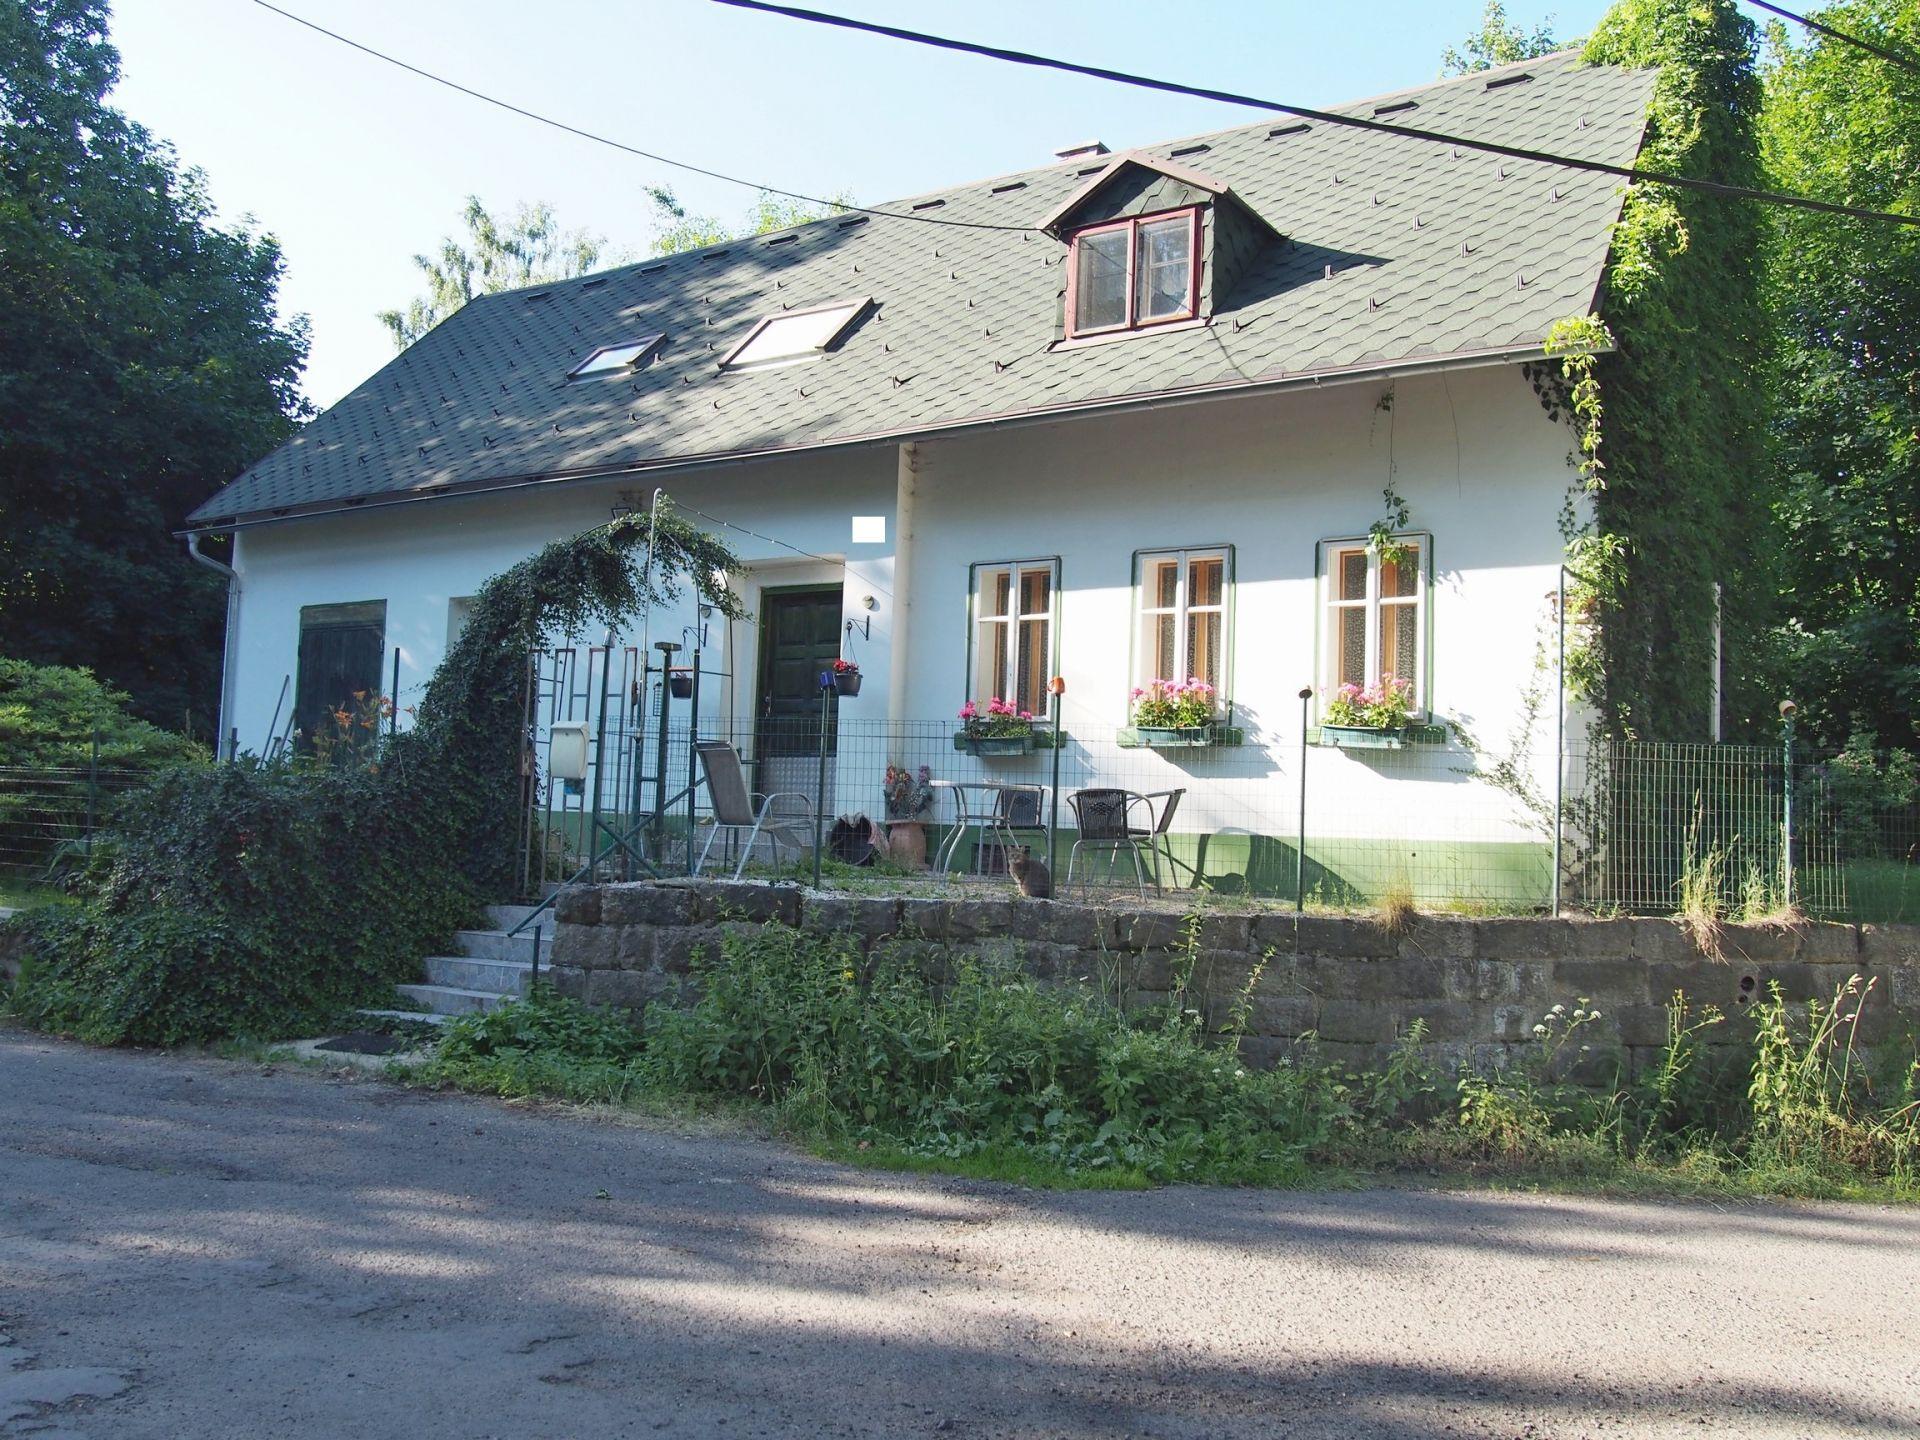 Prodej RD s dalším stavebním pozemkem v obci Rádlo u Jablonce nad Nisou